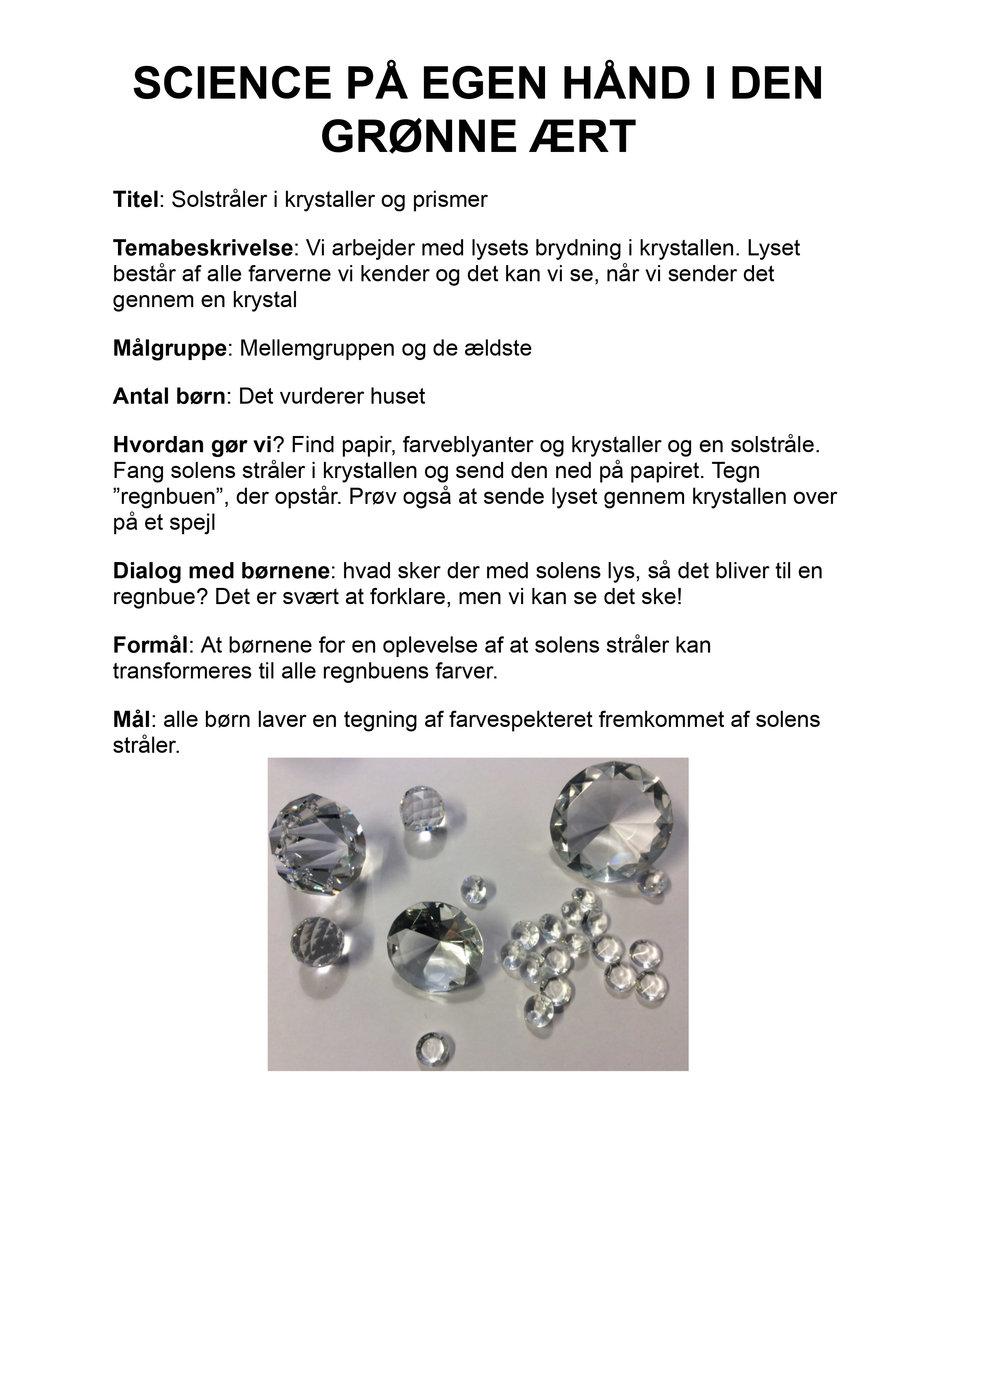 NE ÆRT. Prismer og krystaller.pdf-1.jpg